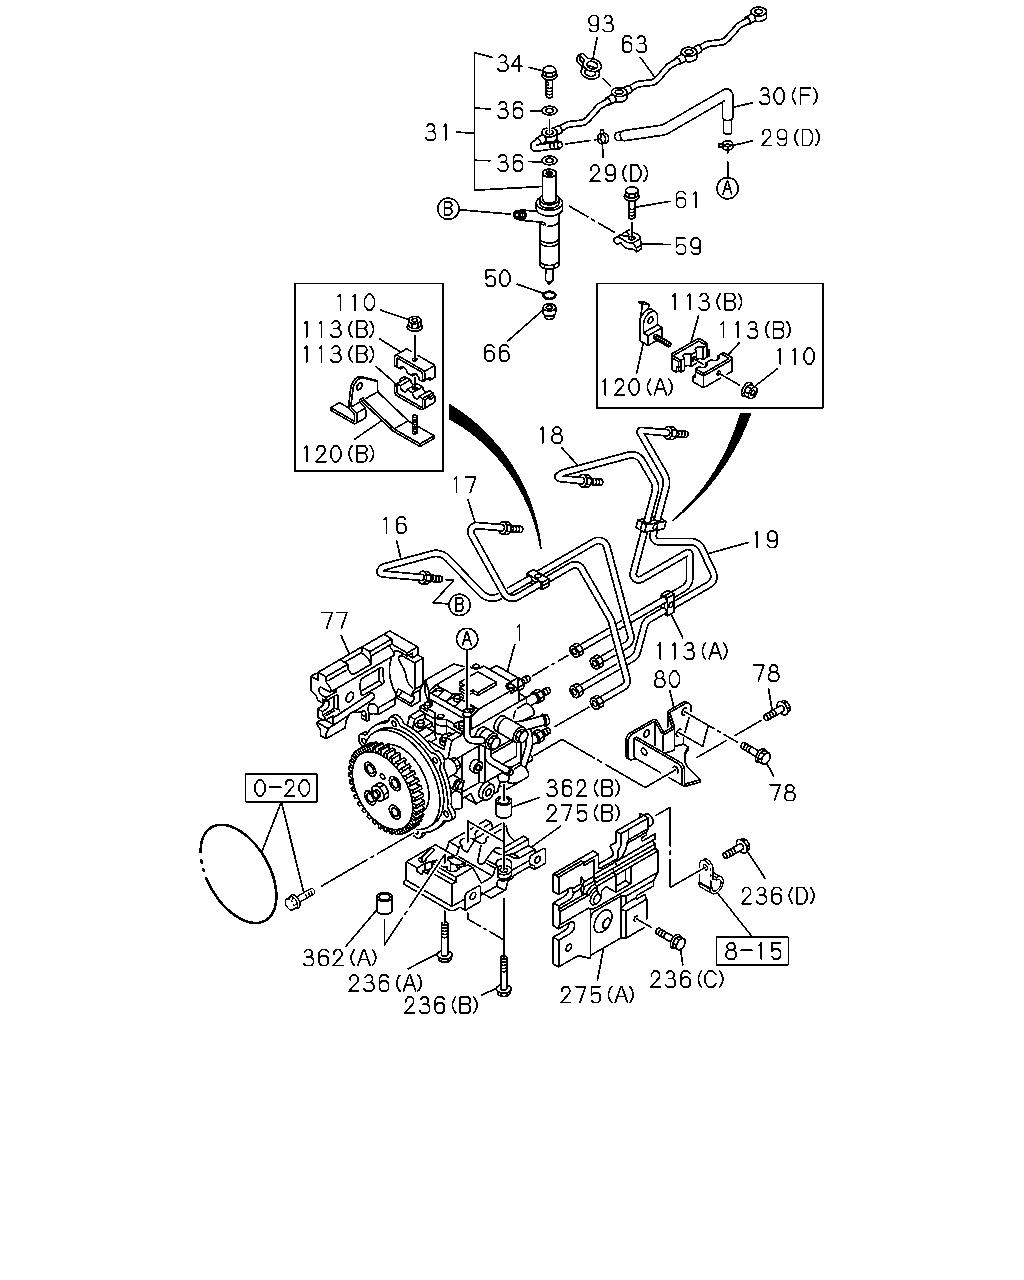 N 50946 Nkreurope Rhd 04 0 Engine Emission Cat 236 Diagram Parts